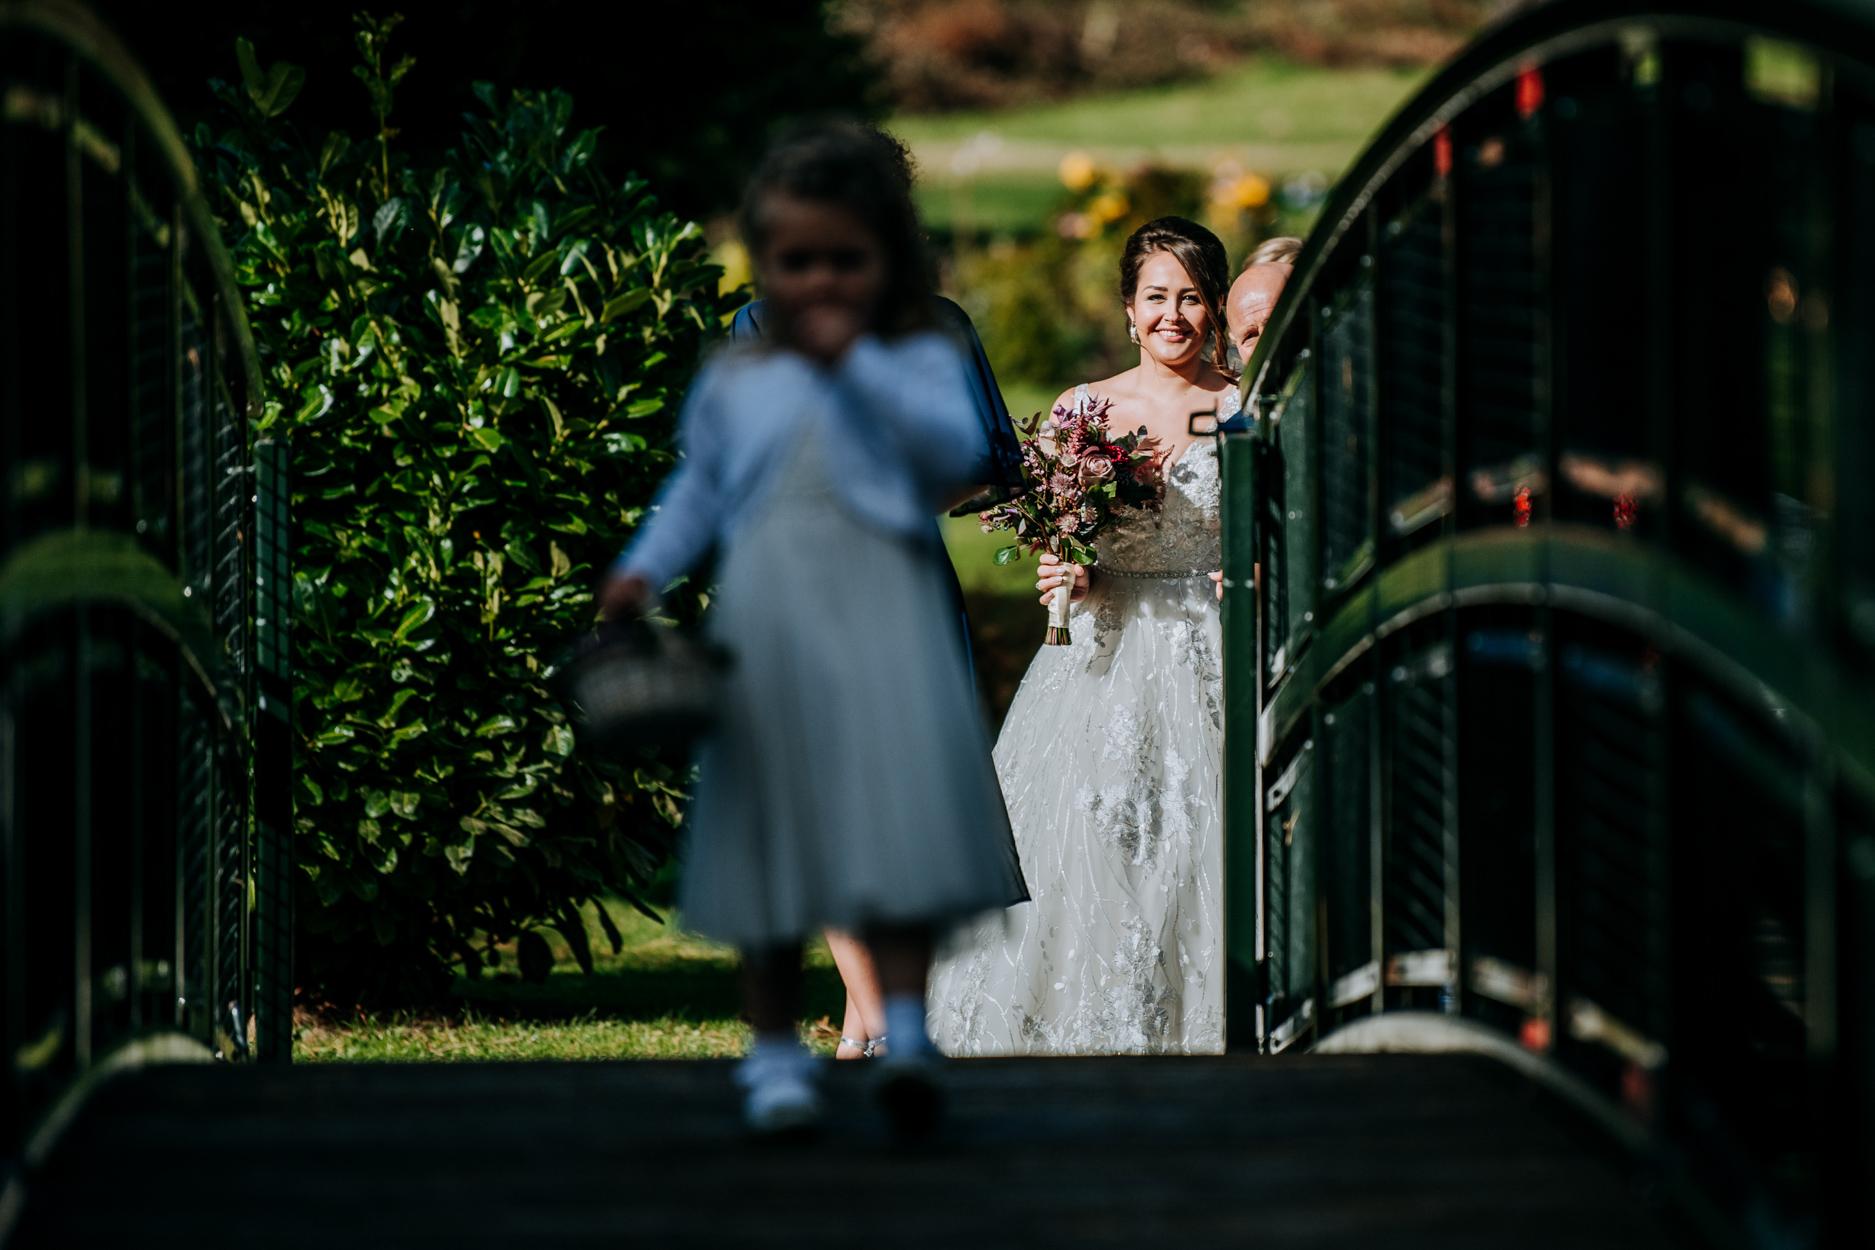 Photographe de mariage Hackness Grange - Scarborough | la mariée regarde fièrement sa fille traverser le pont